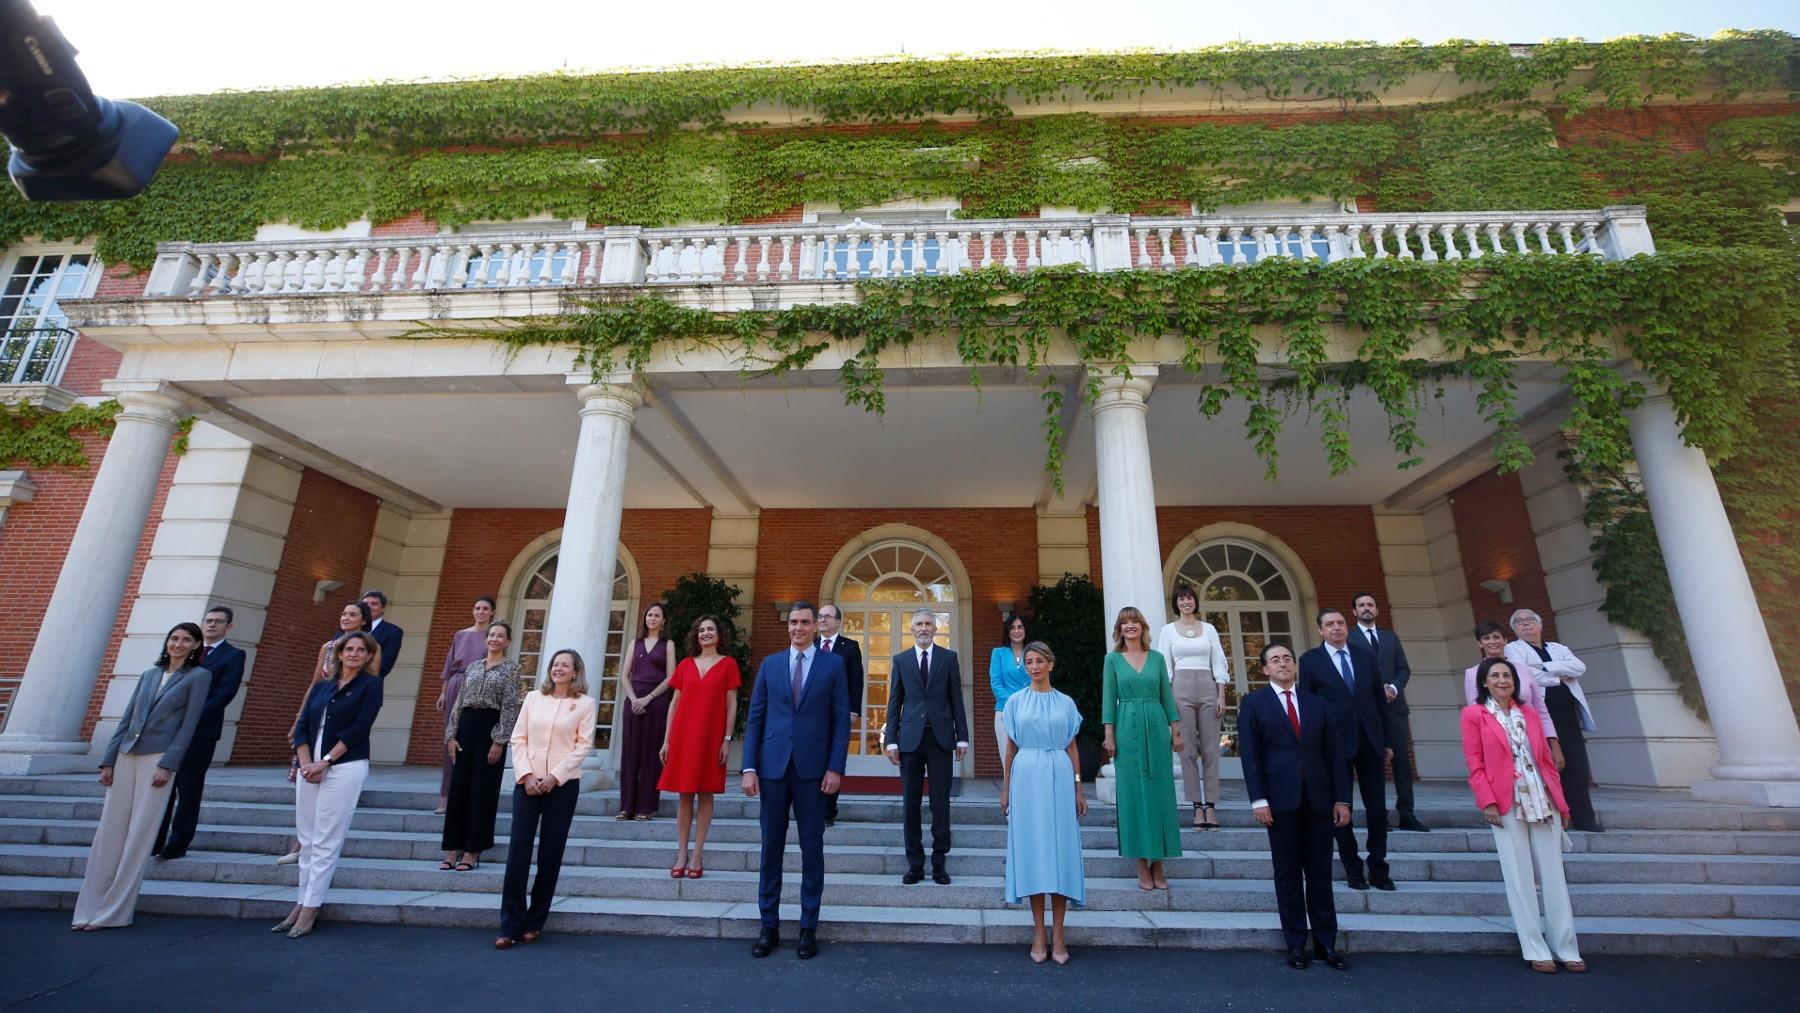 El Consejo de Ministros tras la remodelación del Gobierno impulsada por Pedro Sánchez. (Foto: Efe)